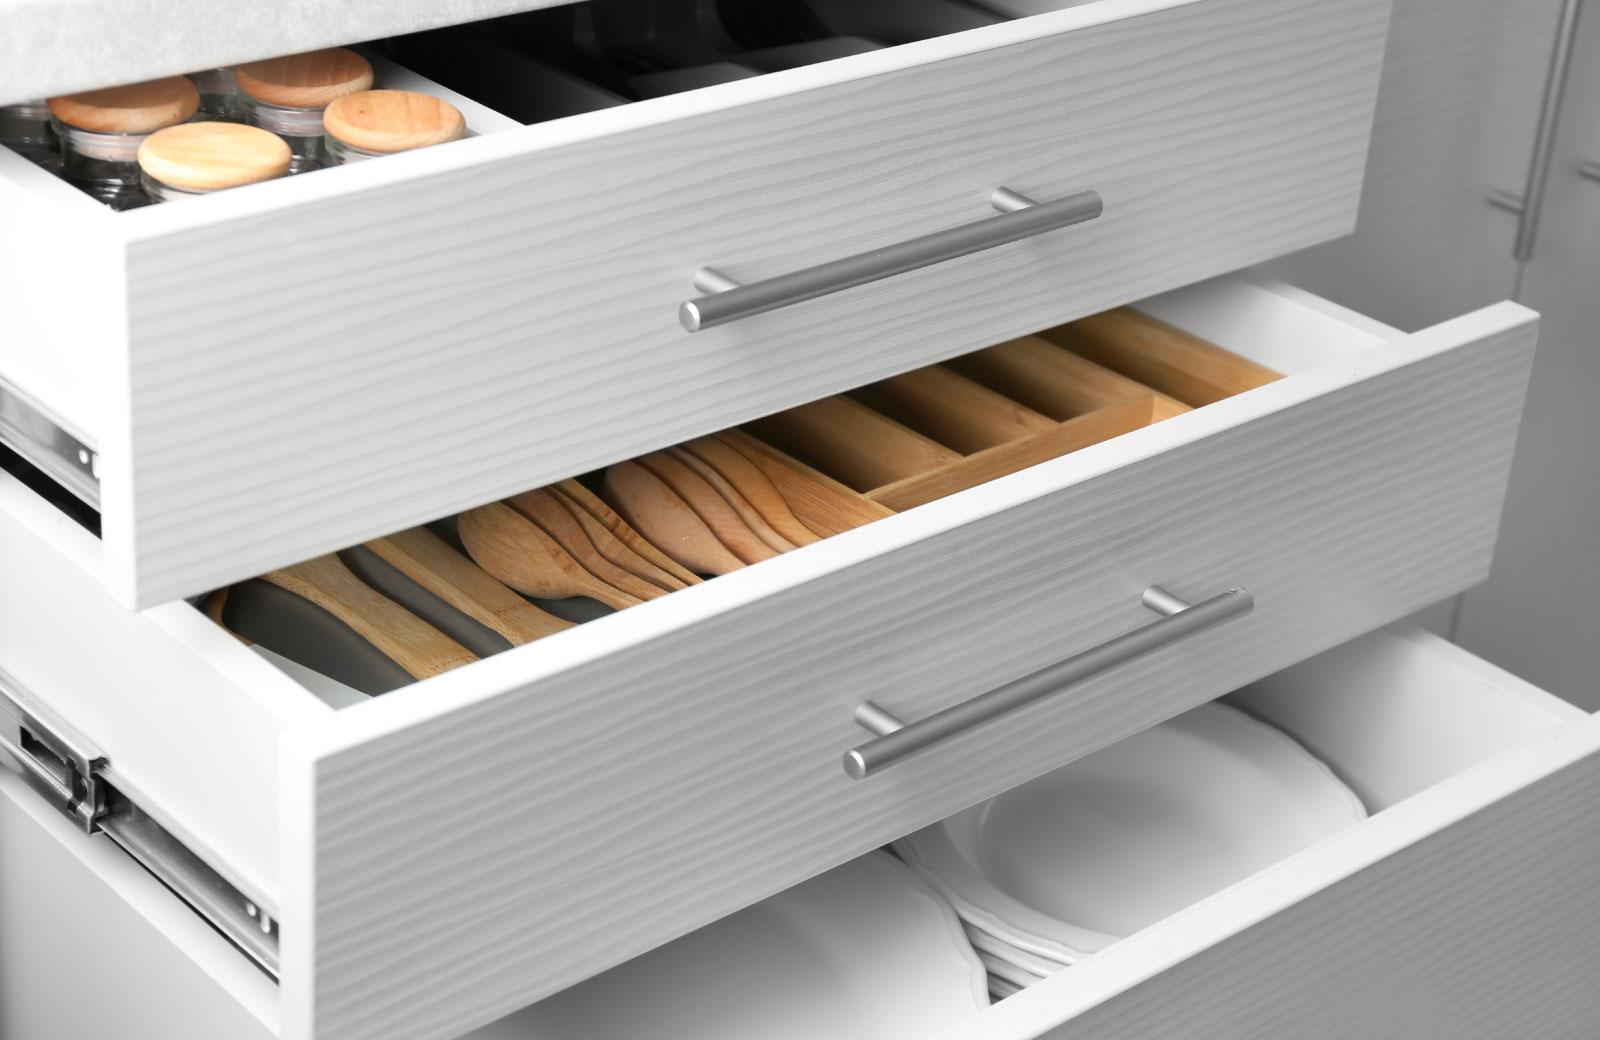 kitchen drawer full of eating utensils